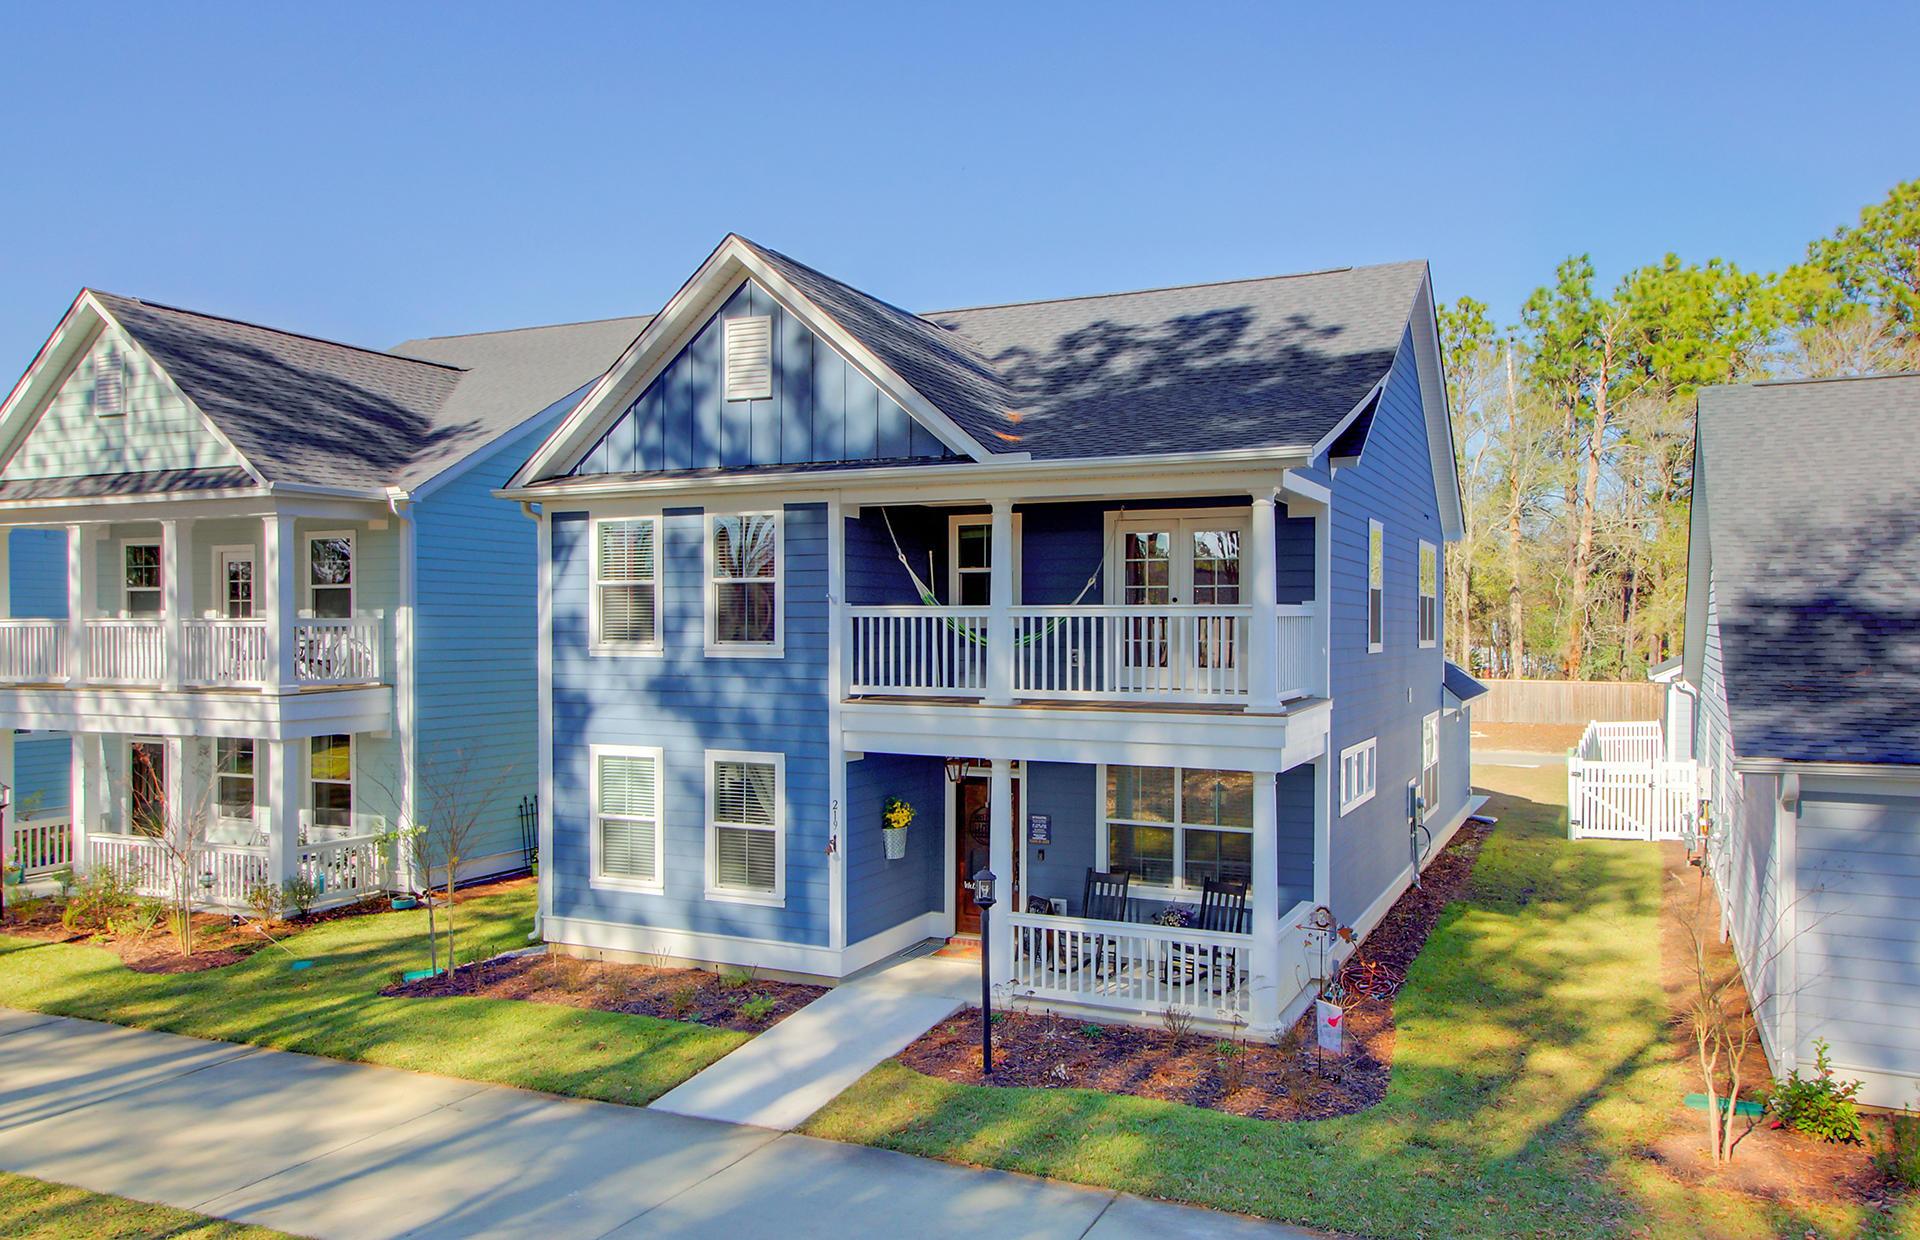 219 Blue Bonnet Street Summerville, SC 29483